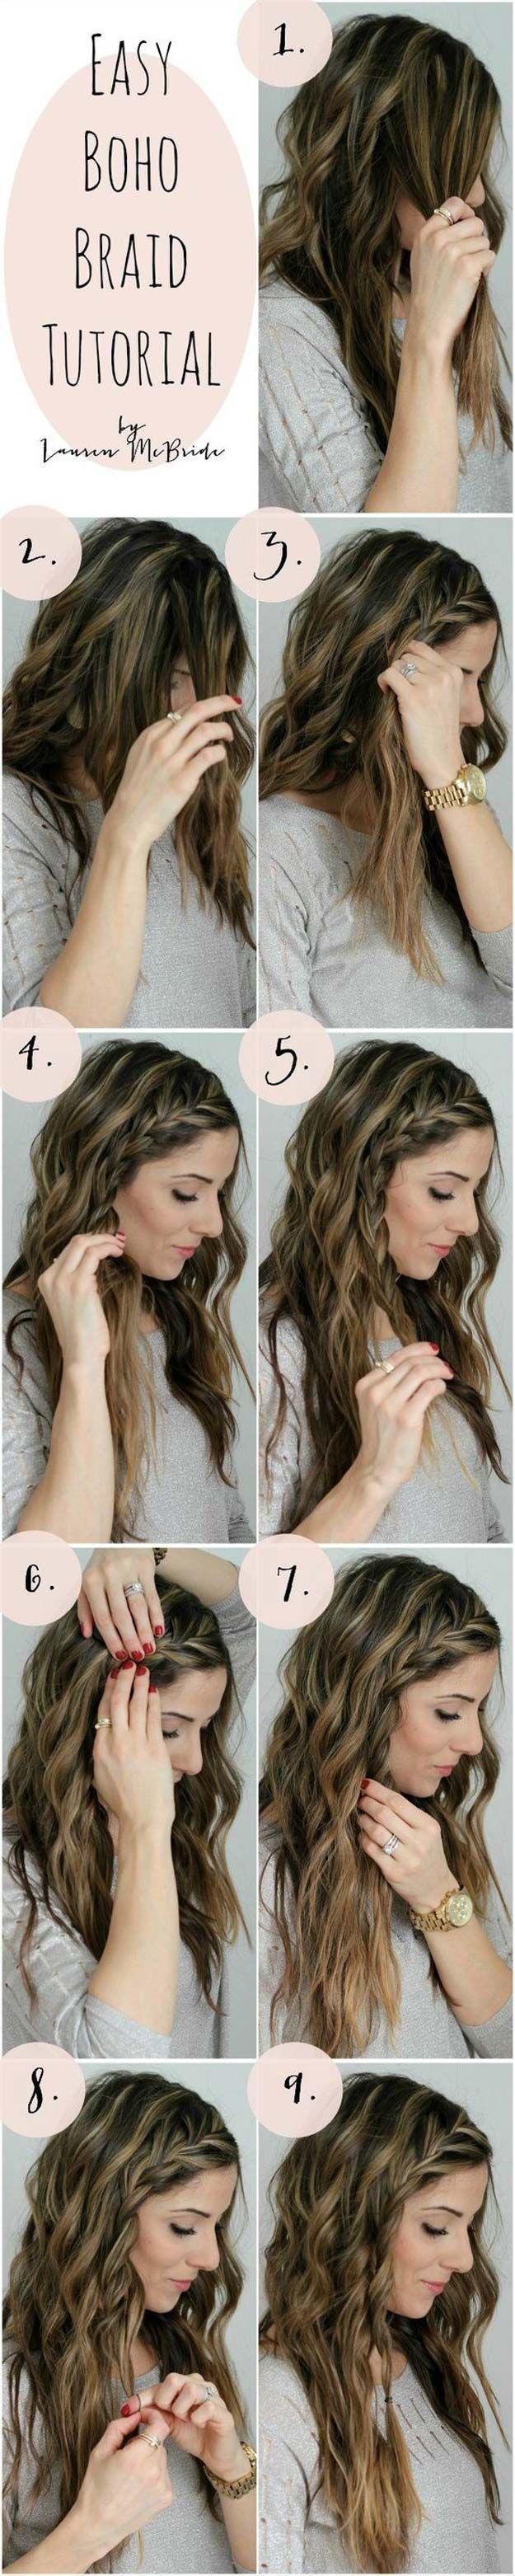 193 best Ideas for Girls Hair images on Pinterest